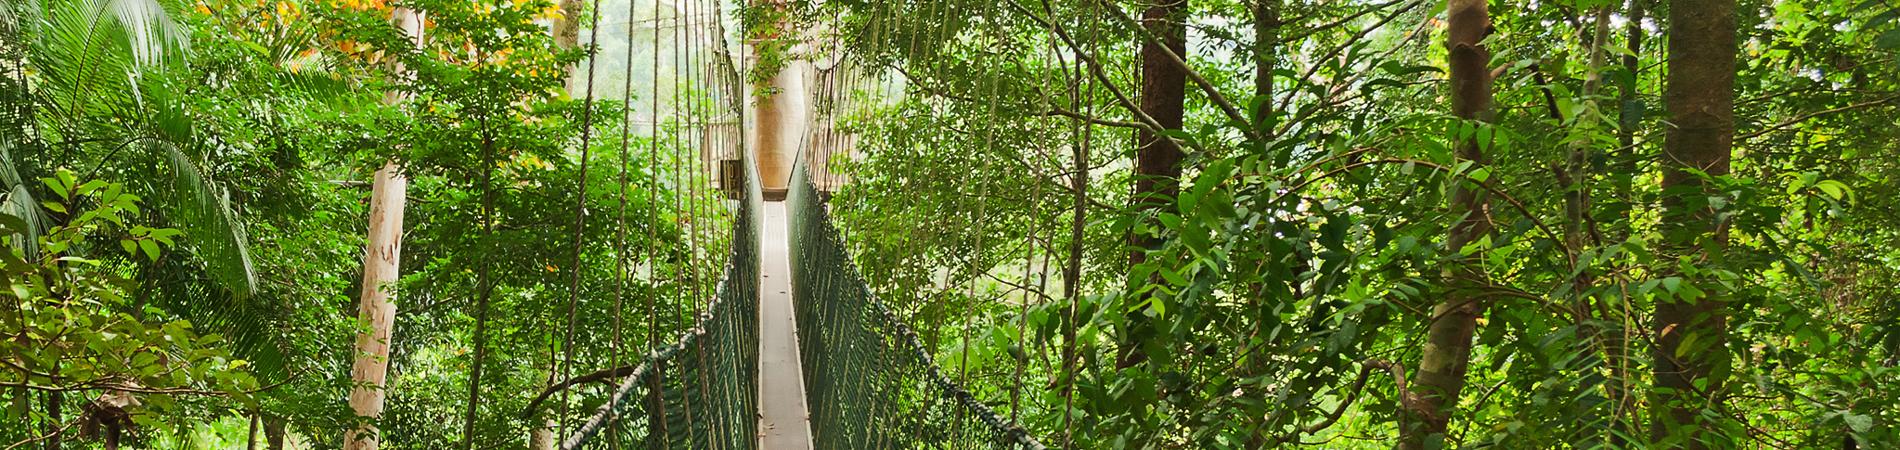 shutterstock_msa swinging walkway Taman Negara header